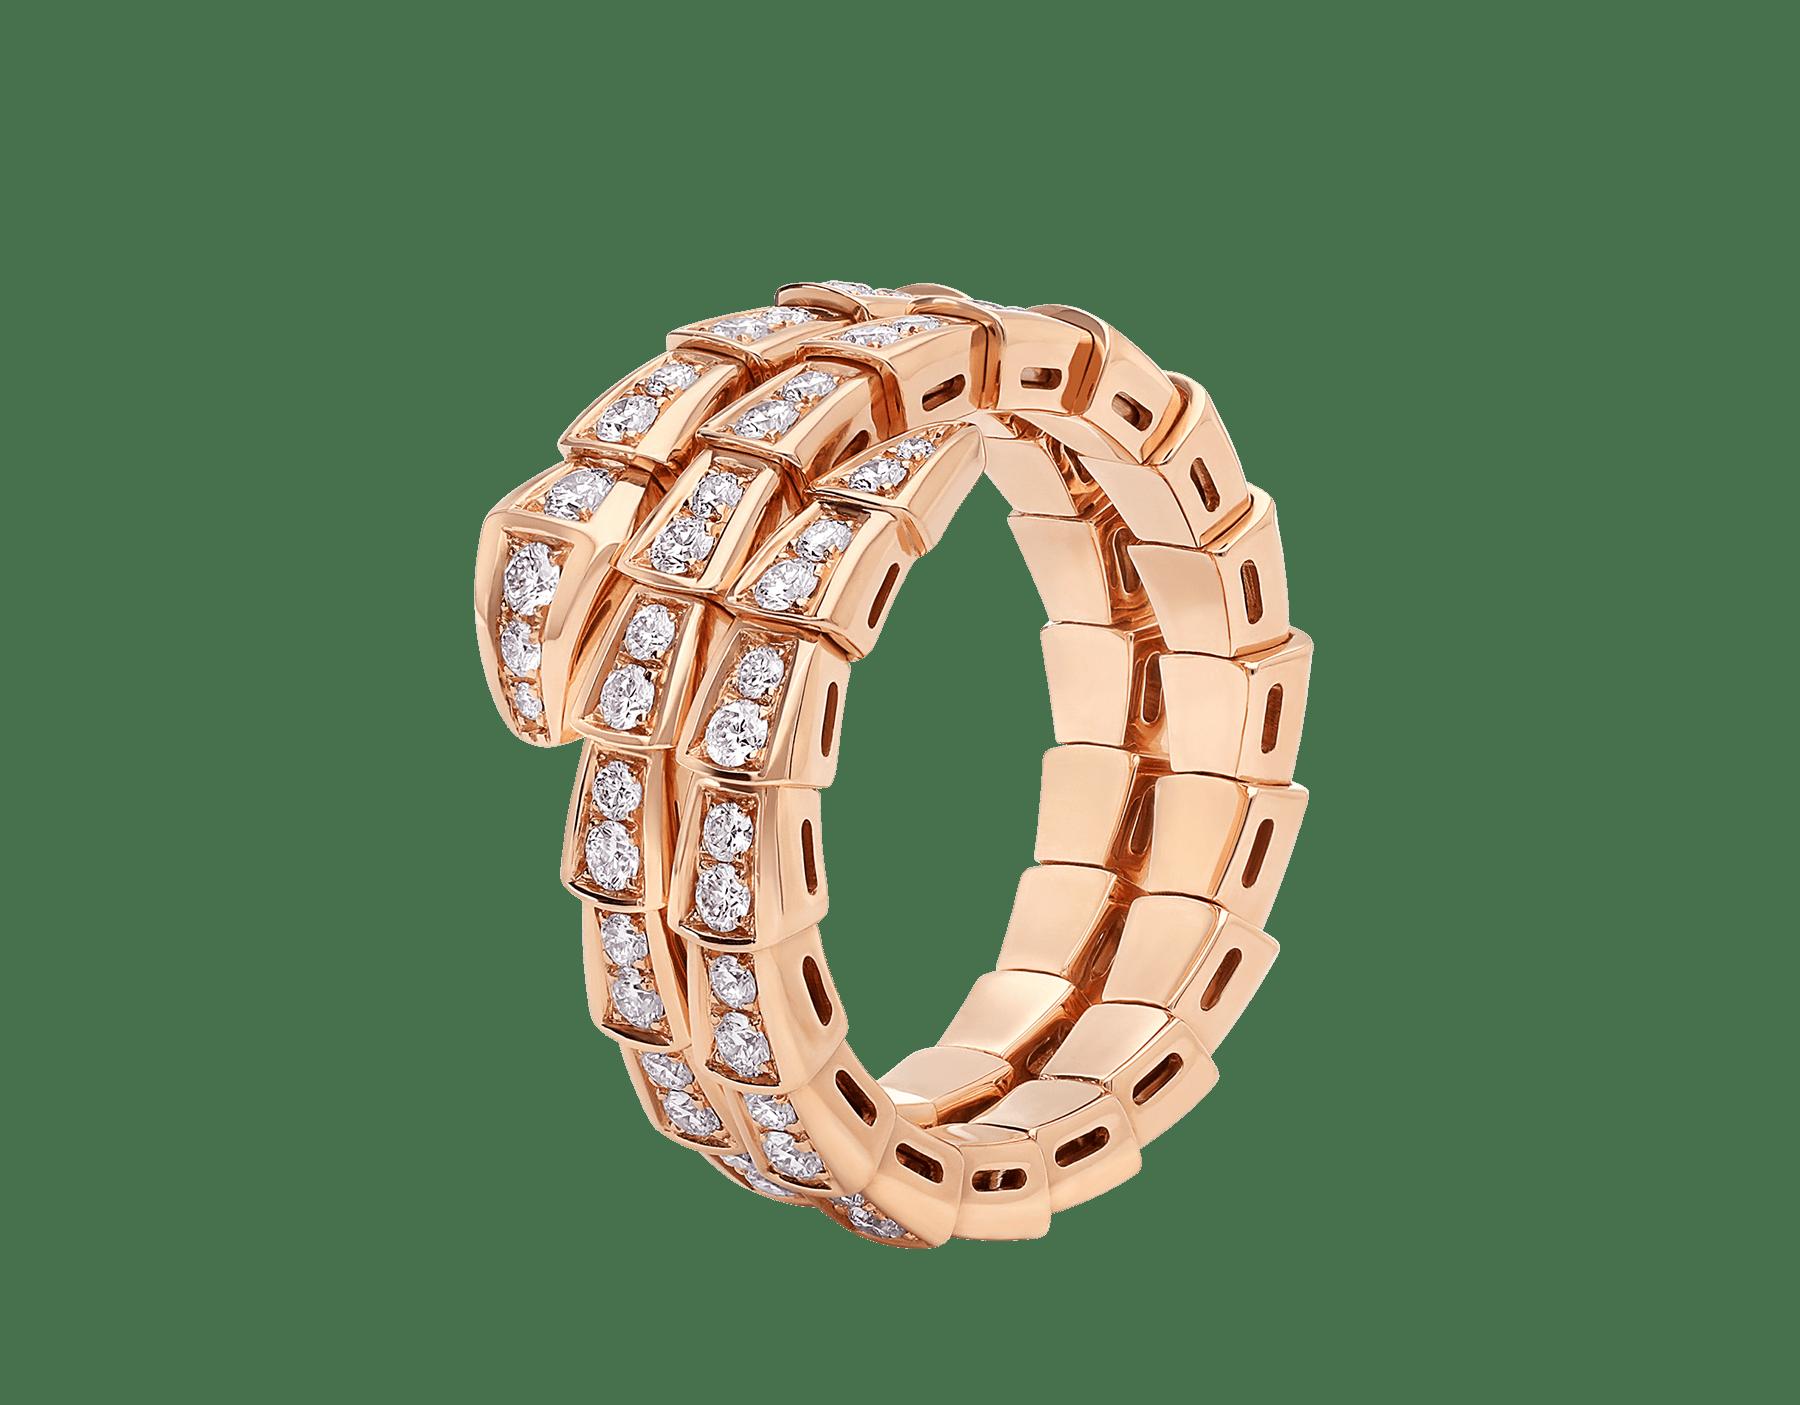 Кольцо Serpenti Viper в два витка, розовое золото 18 карат, бриллиантовое паве AN858794 image 1